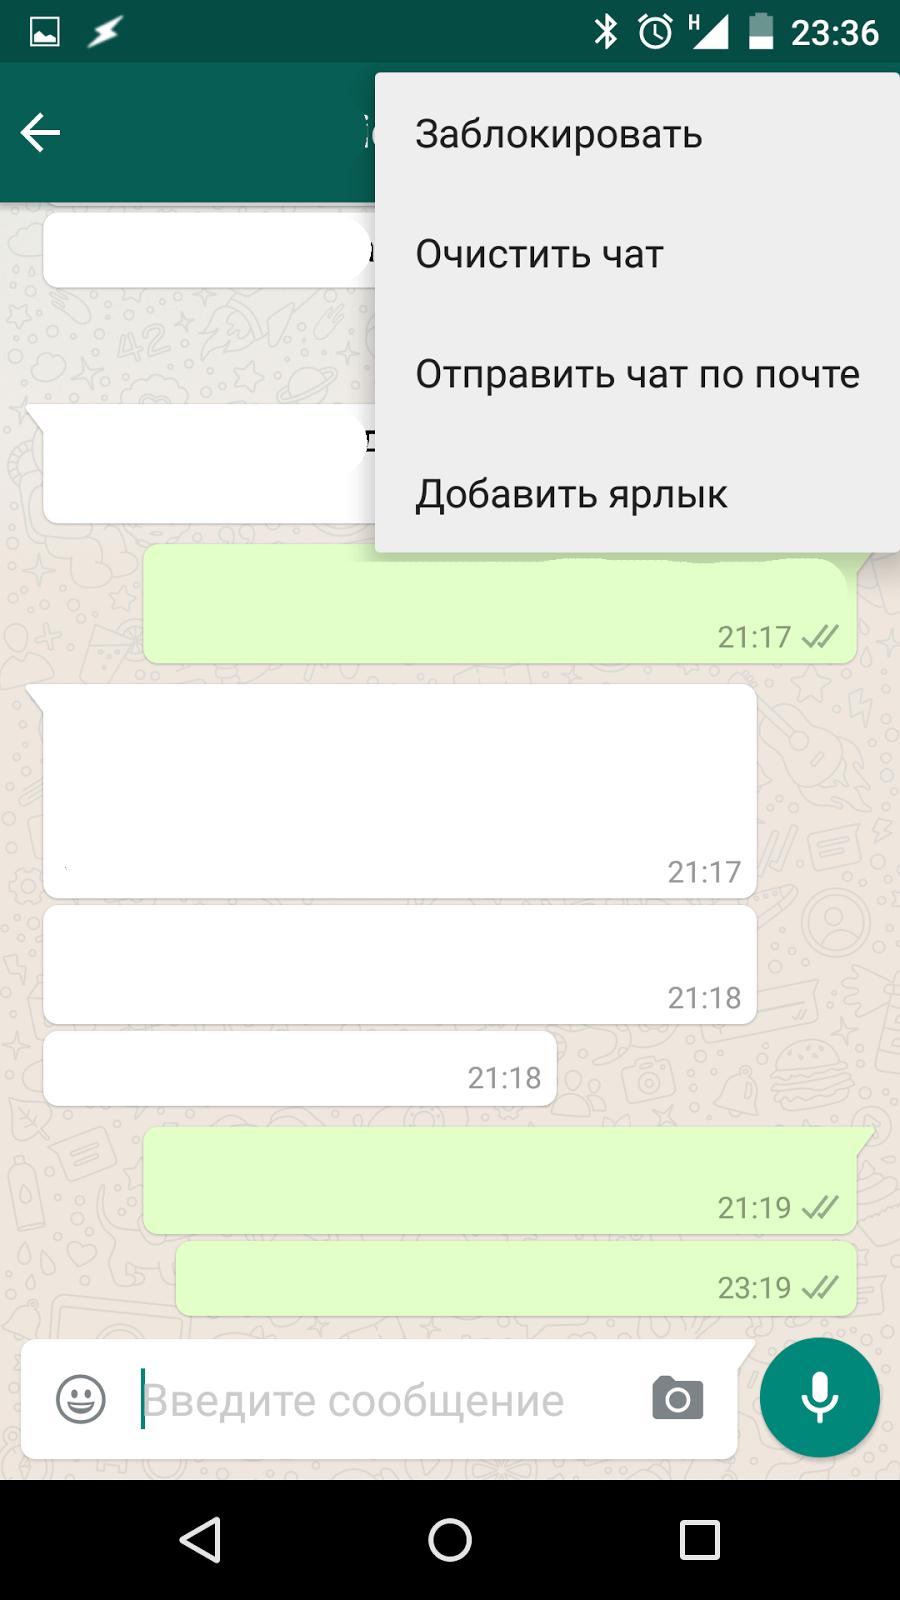 Как сделать чтобы whatsapp не сохранял фото из переписки в альбомы